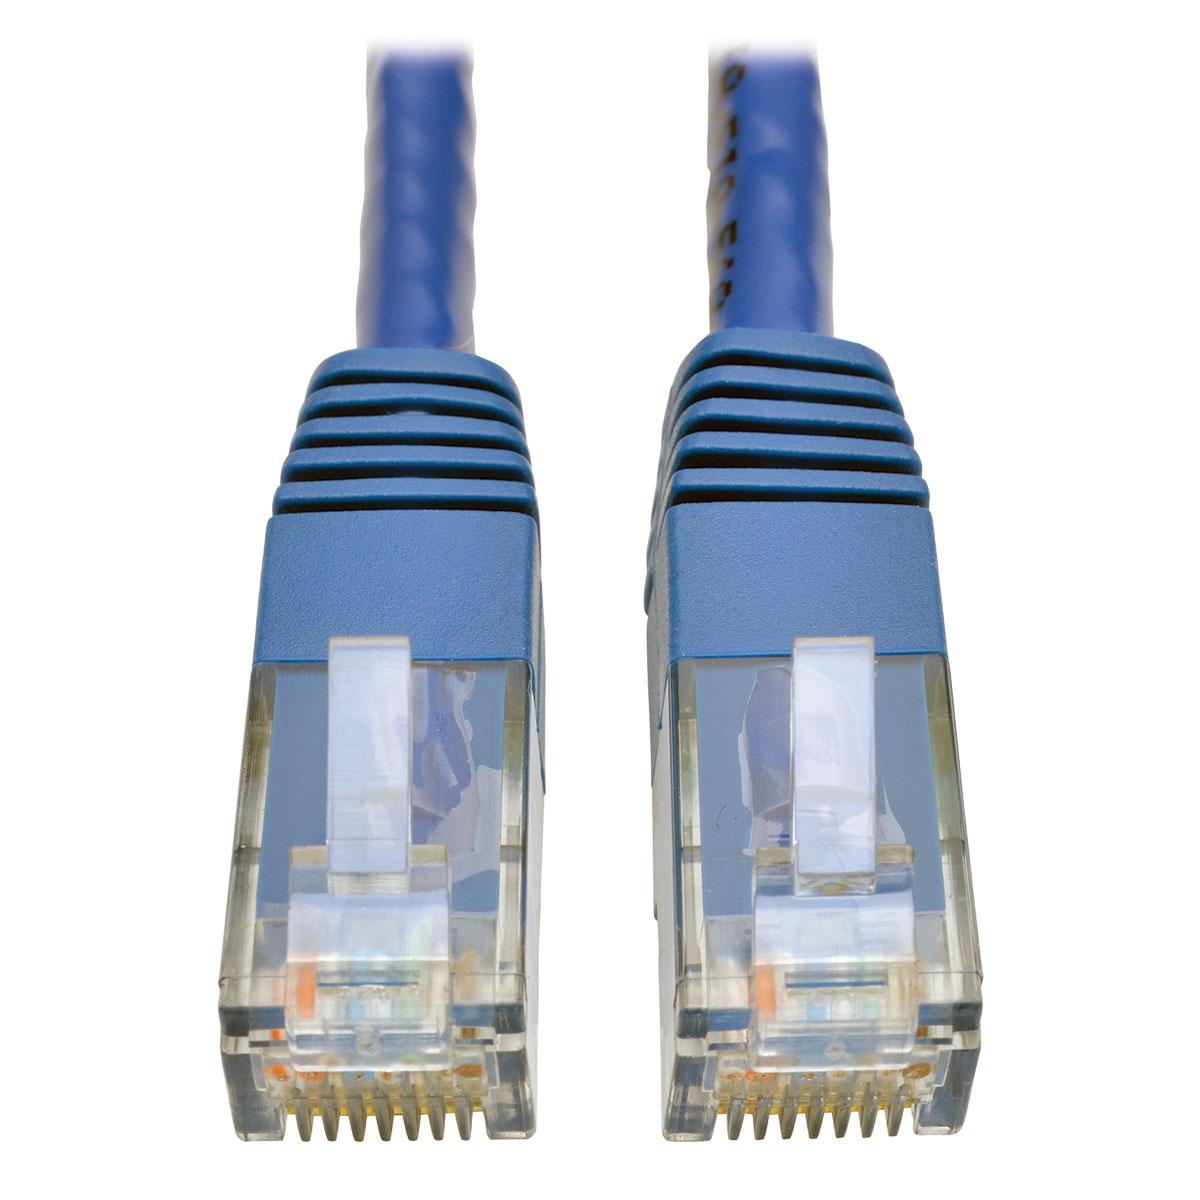 Product | Tripp Lite Cat6 Gigabit Molded Patch Cable RJ45 M/M 550MHz ...